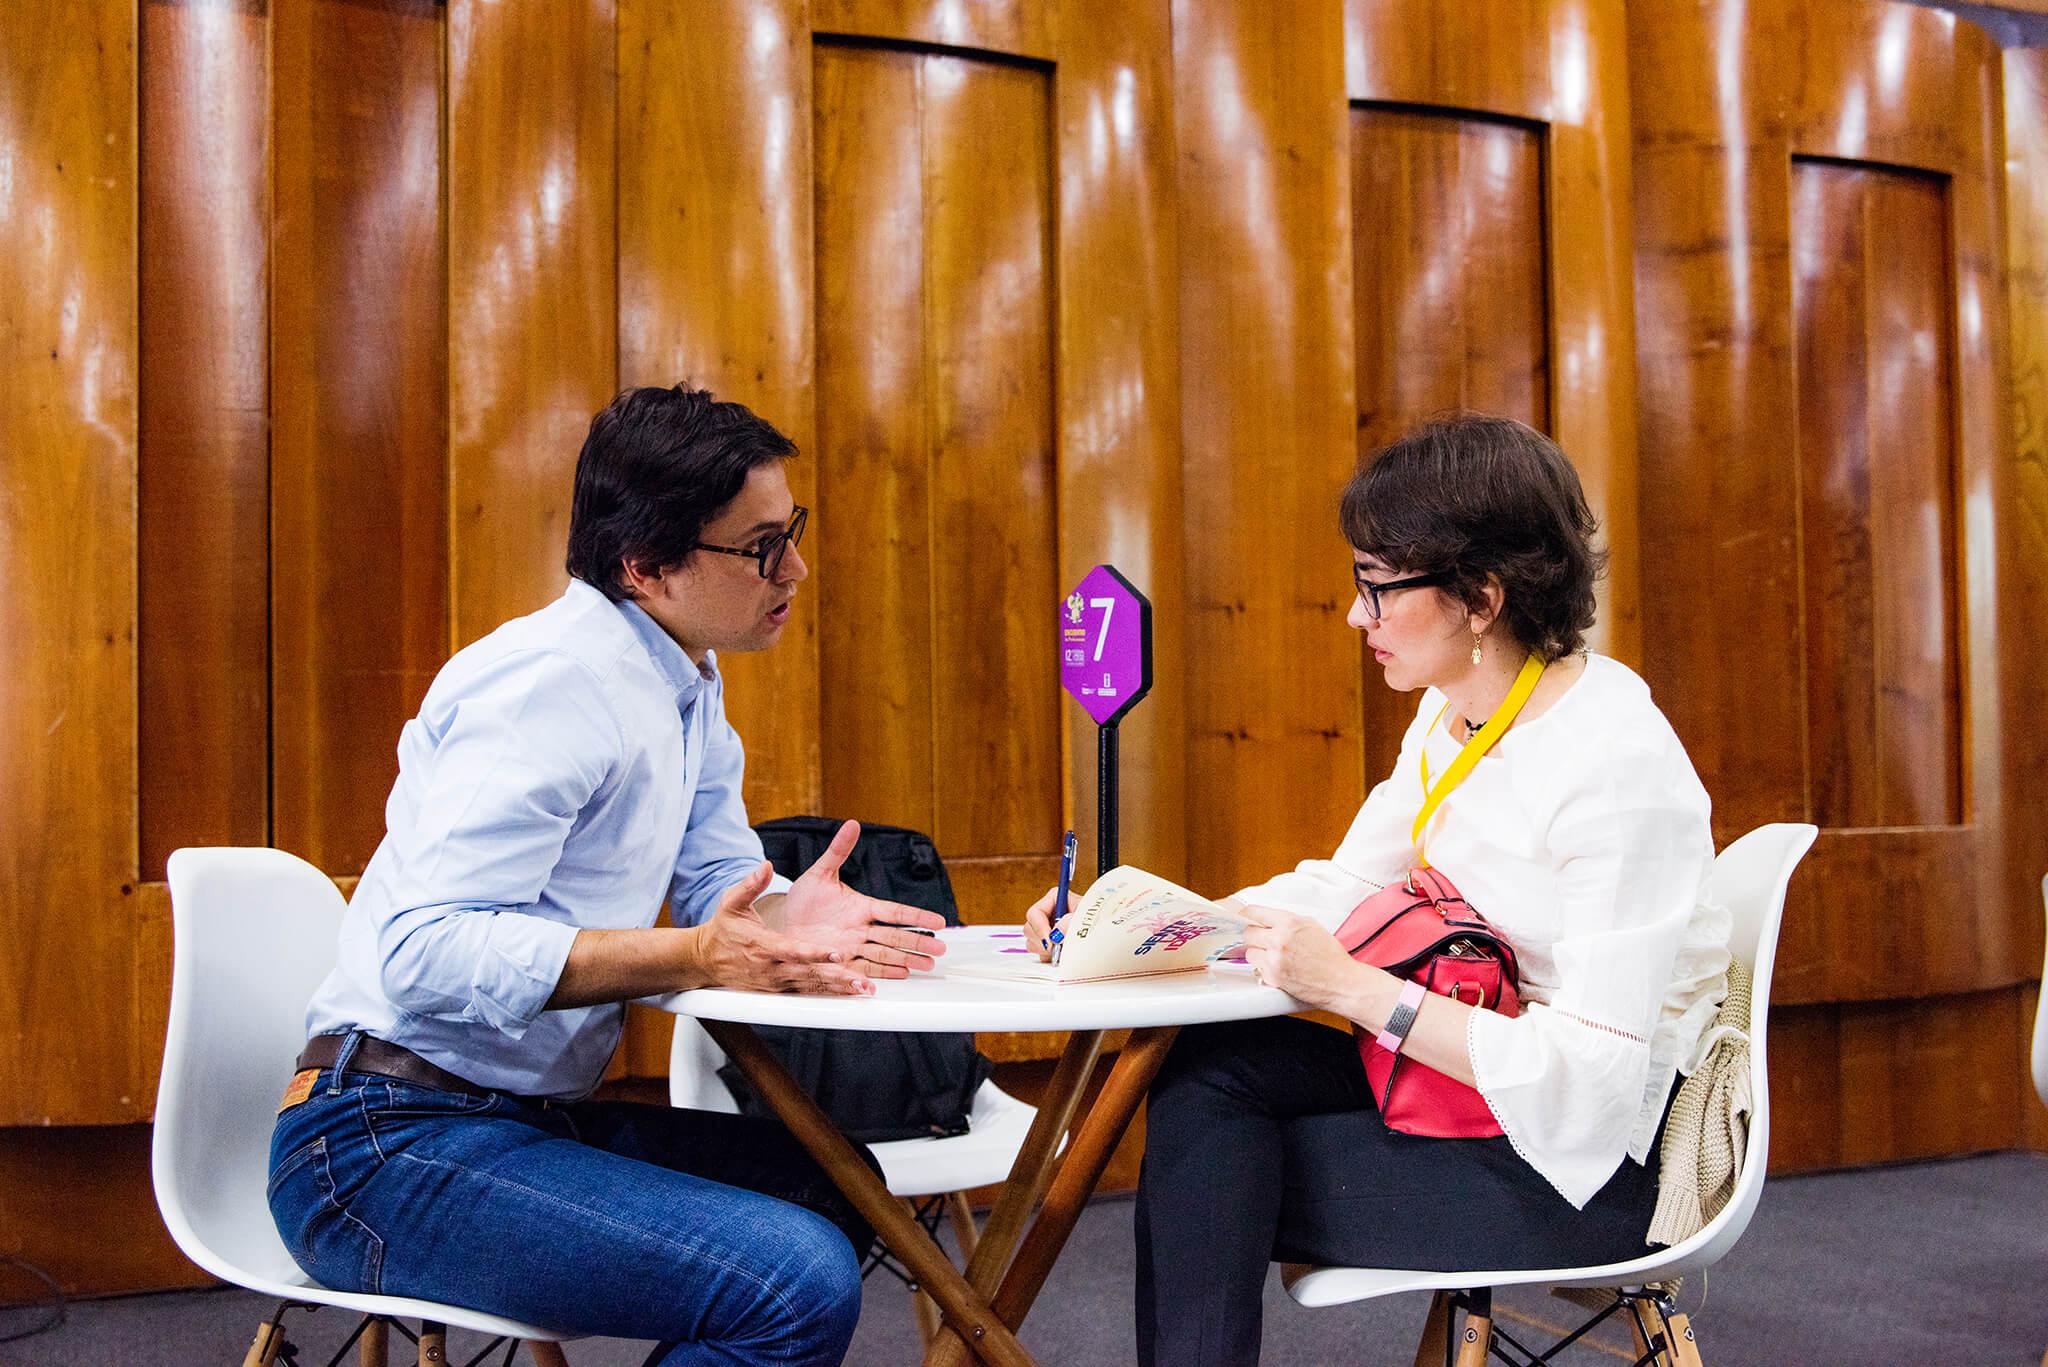 Encuentro de Profesionales, un espacio para los sueños editoriales